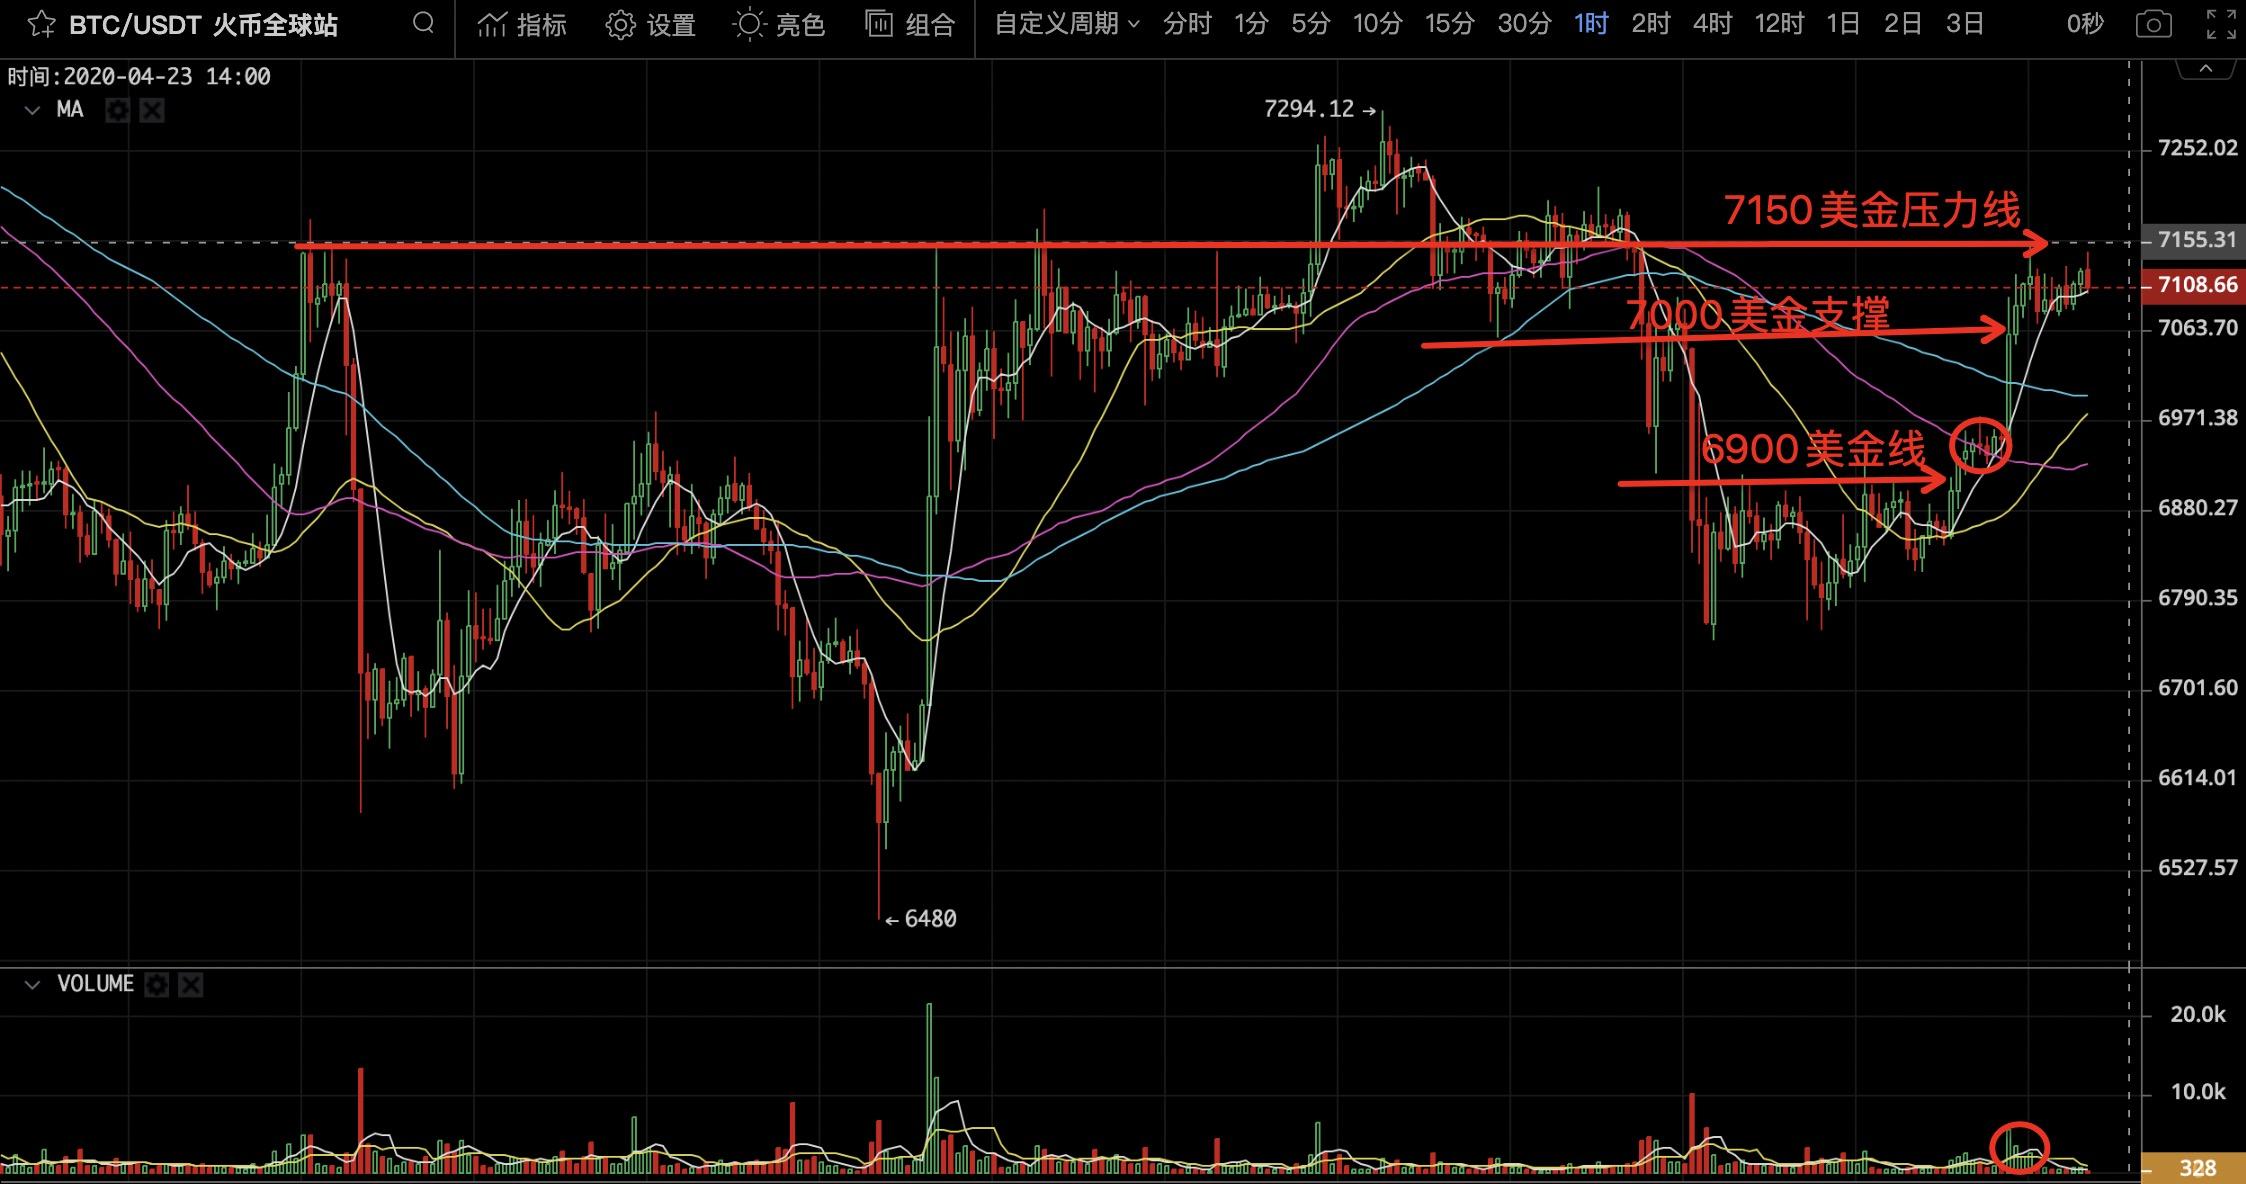 「库神钱包」火星早行情0423:BTC短时反弹站上7000美金,近期走势受外部金融市场波动